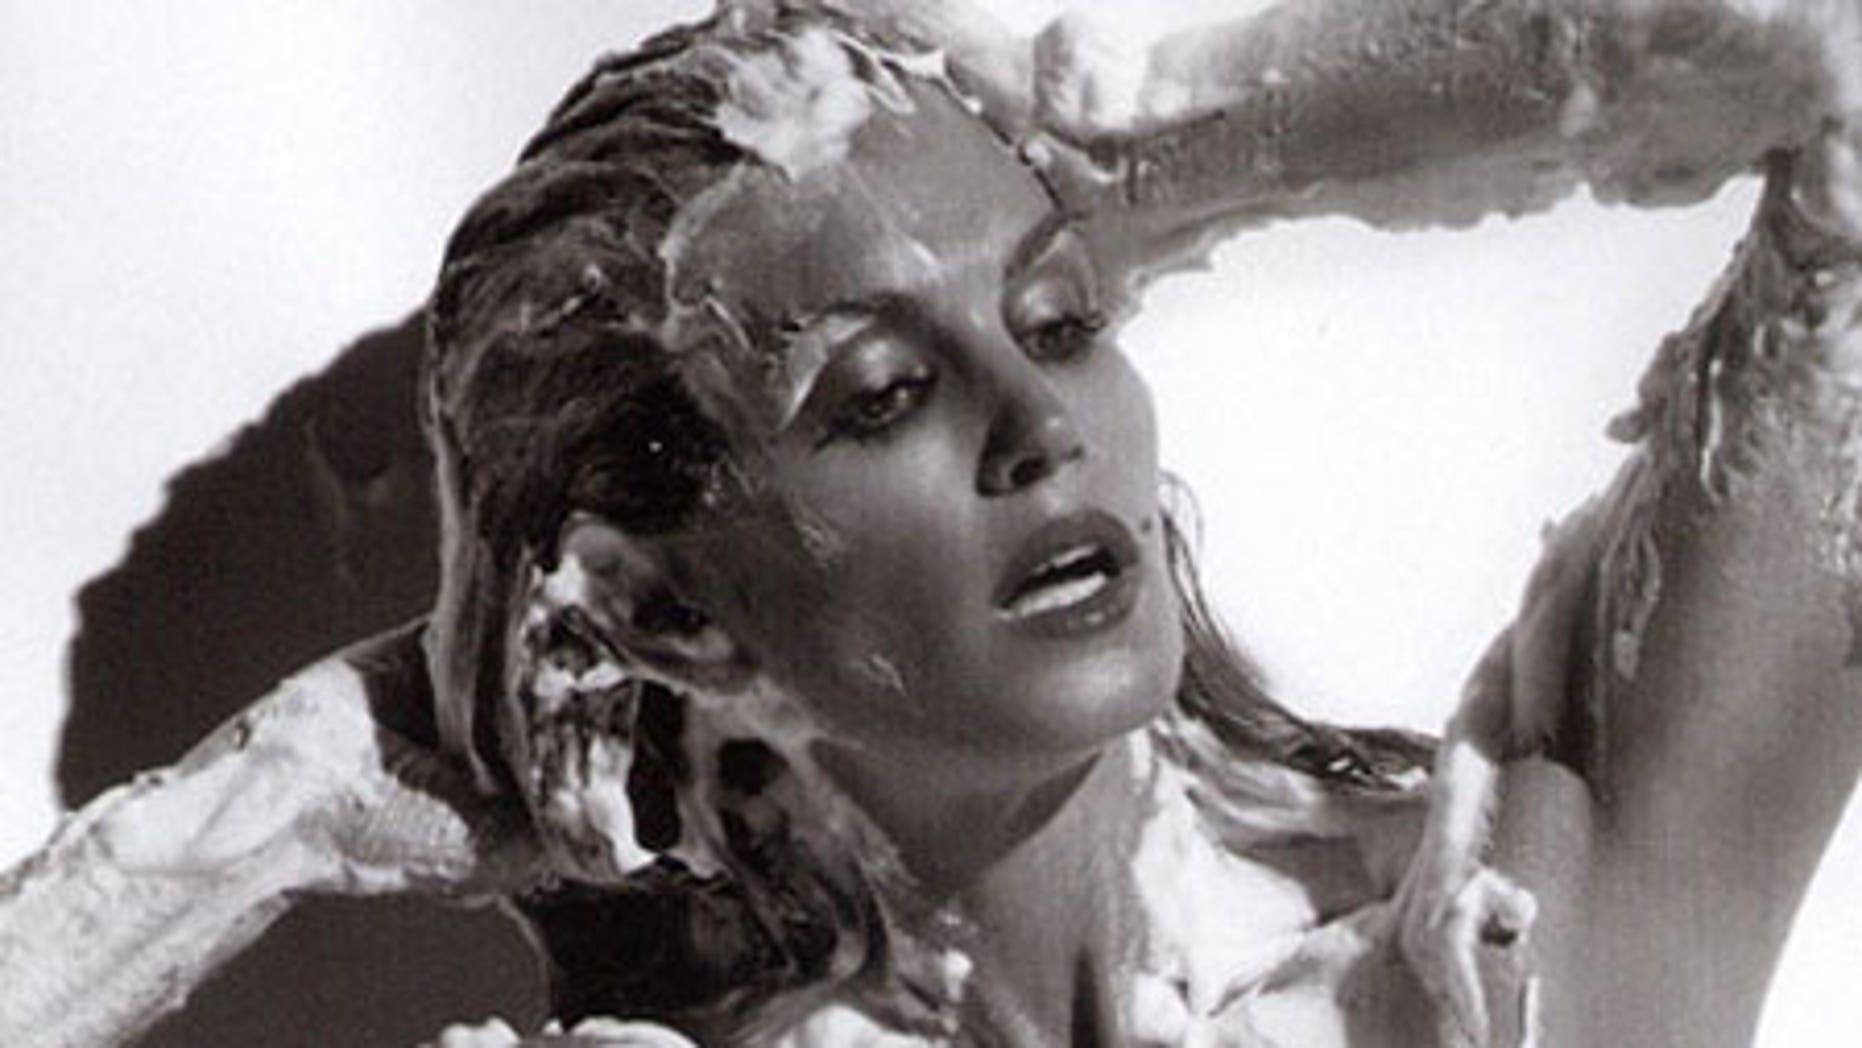 Alison lohman nude video